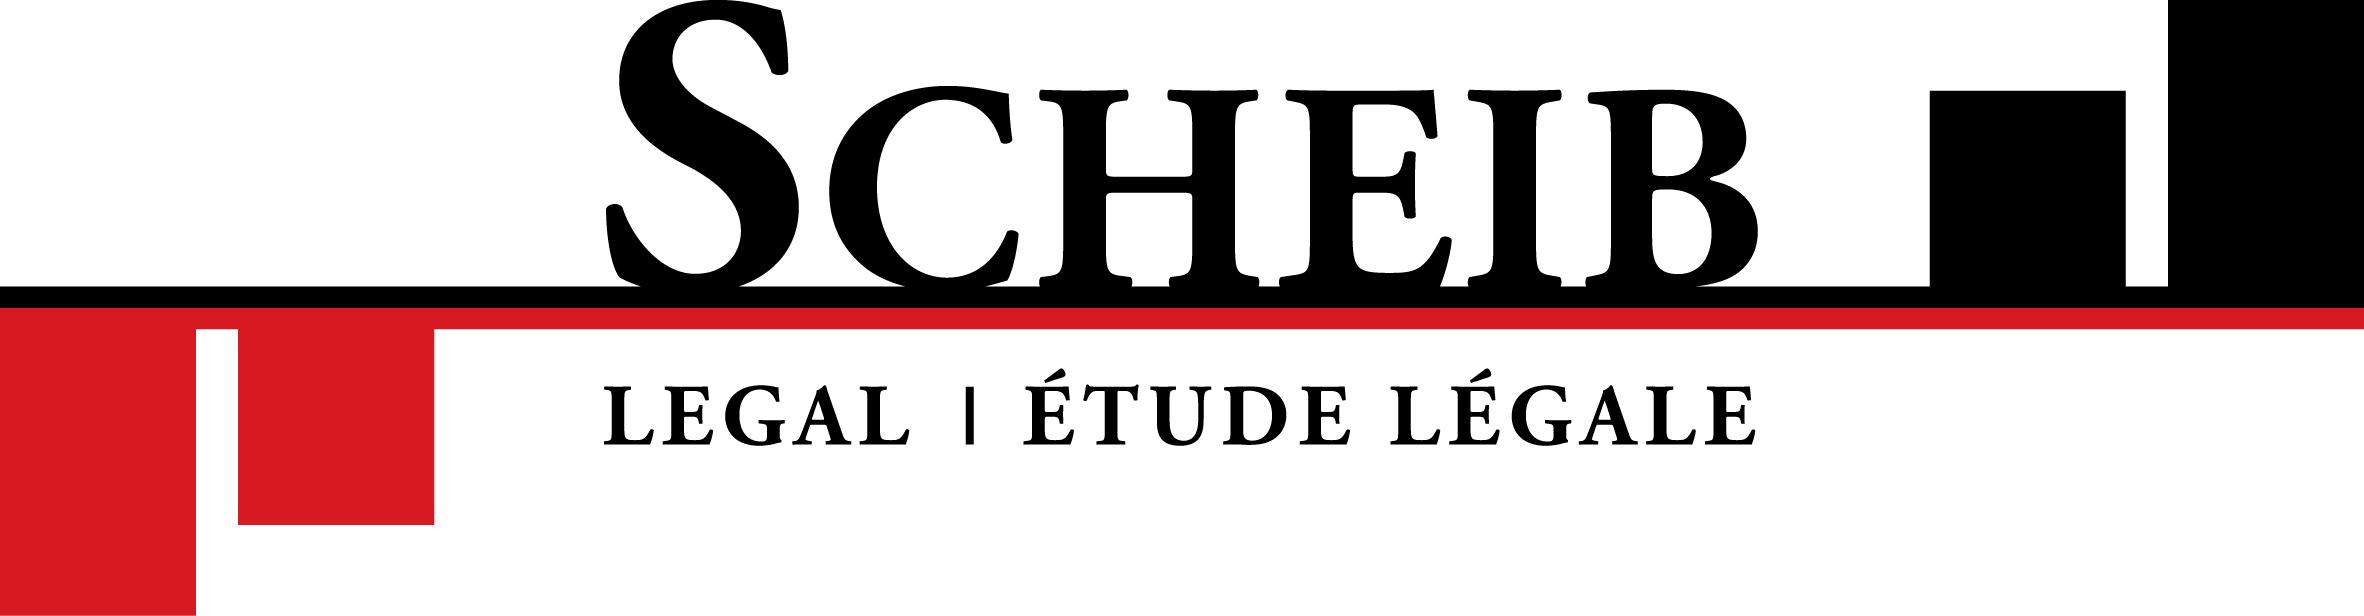 Scheib Legal